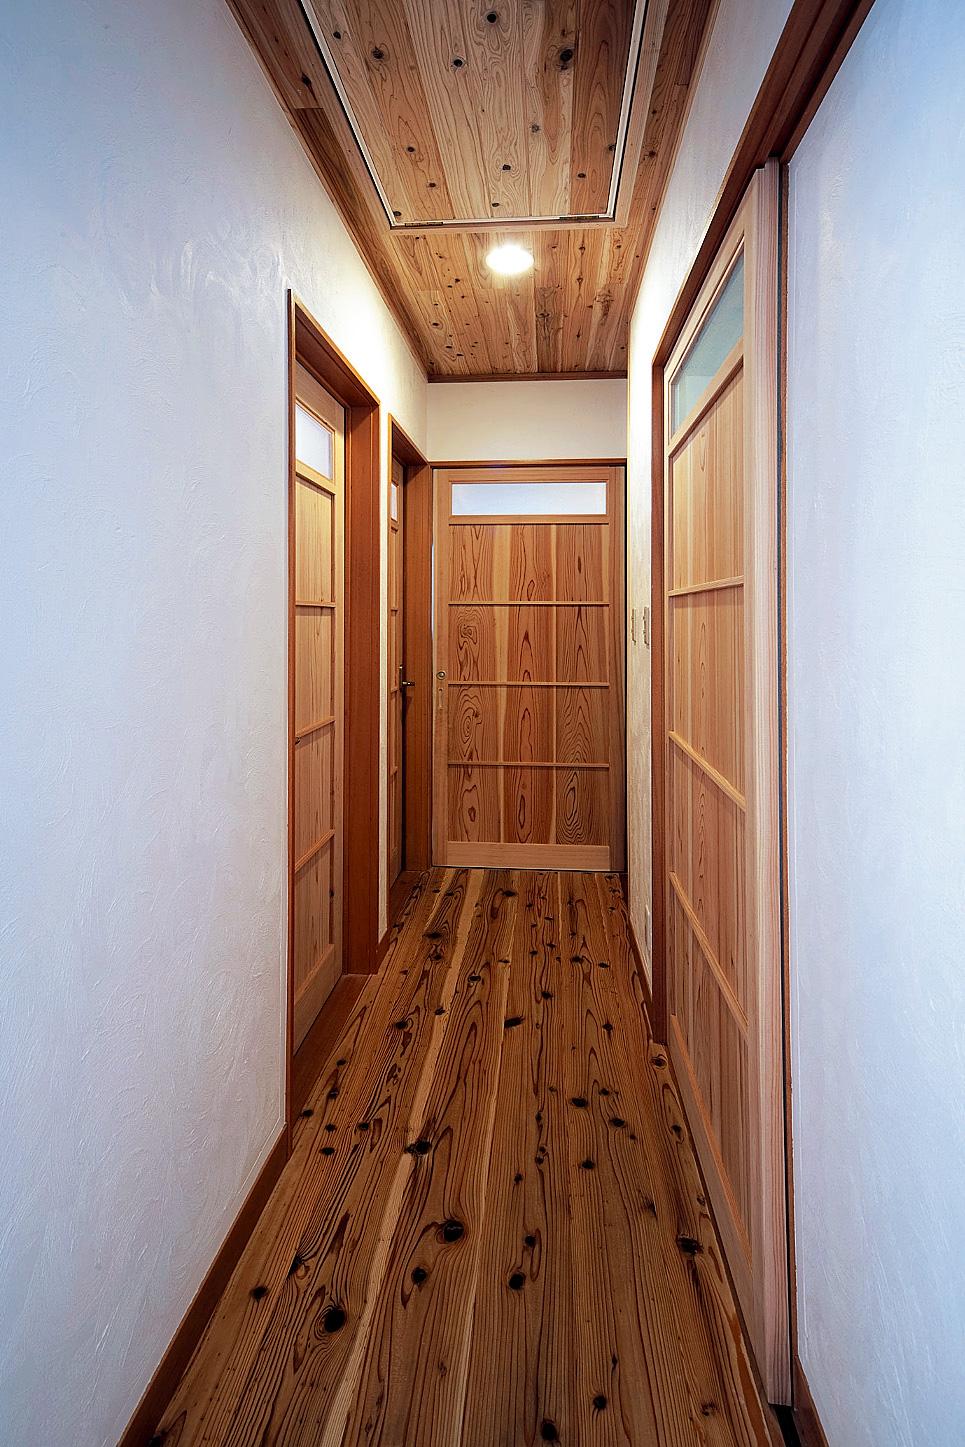 間接照明が照らす廊下もナチュラル感がいっぱい。左に並ぶのは子供部屋の入り口。右は浴室、奥がトイレ